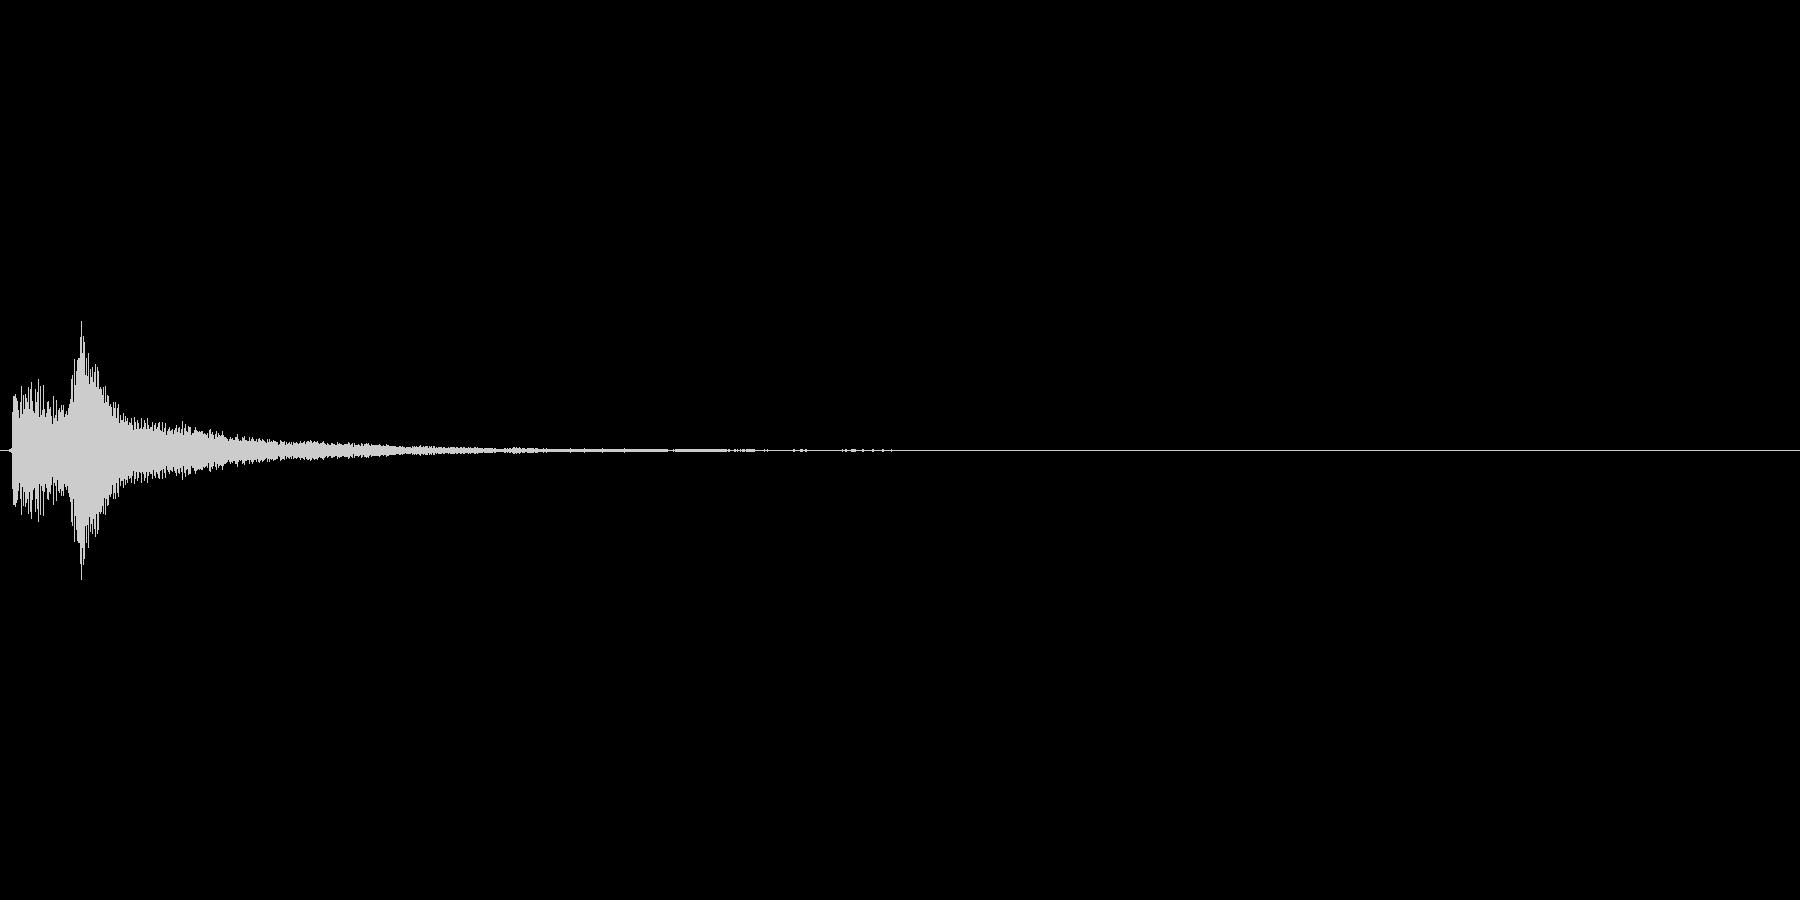 タタンという低めのアイテム使用系効果音…の未再生の波形